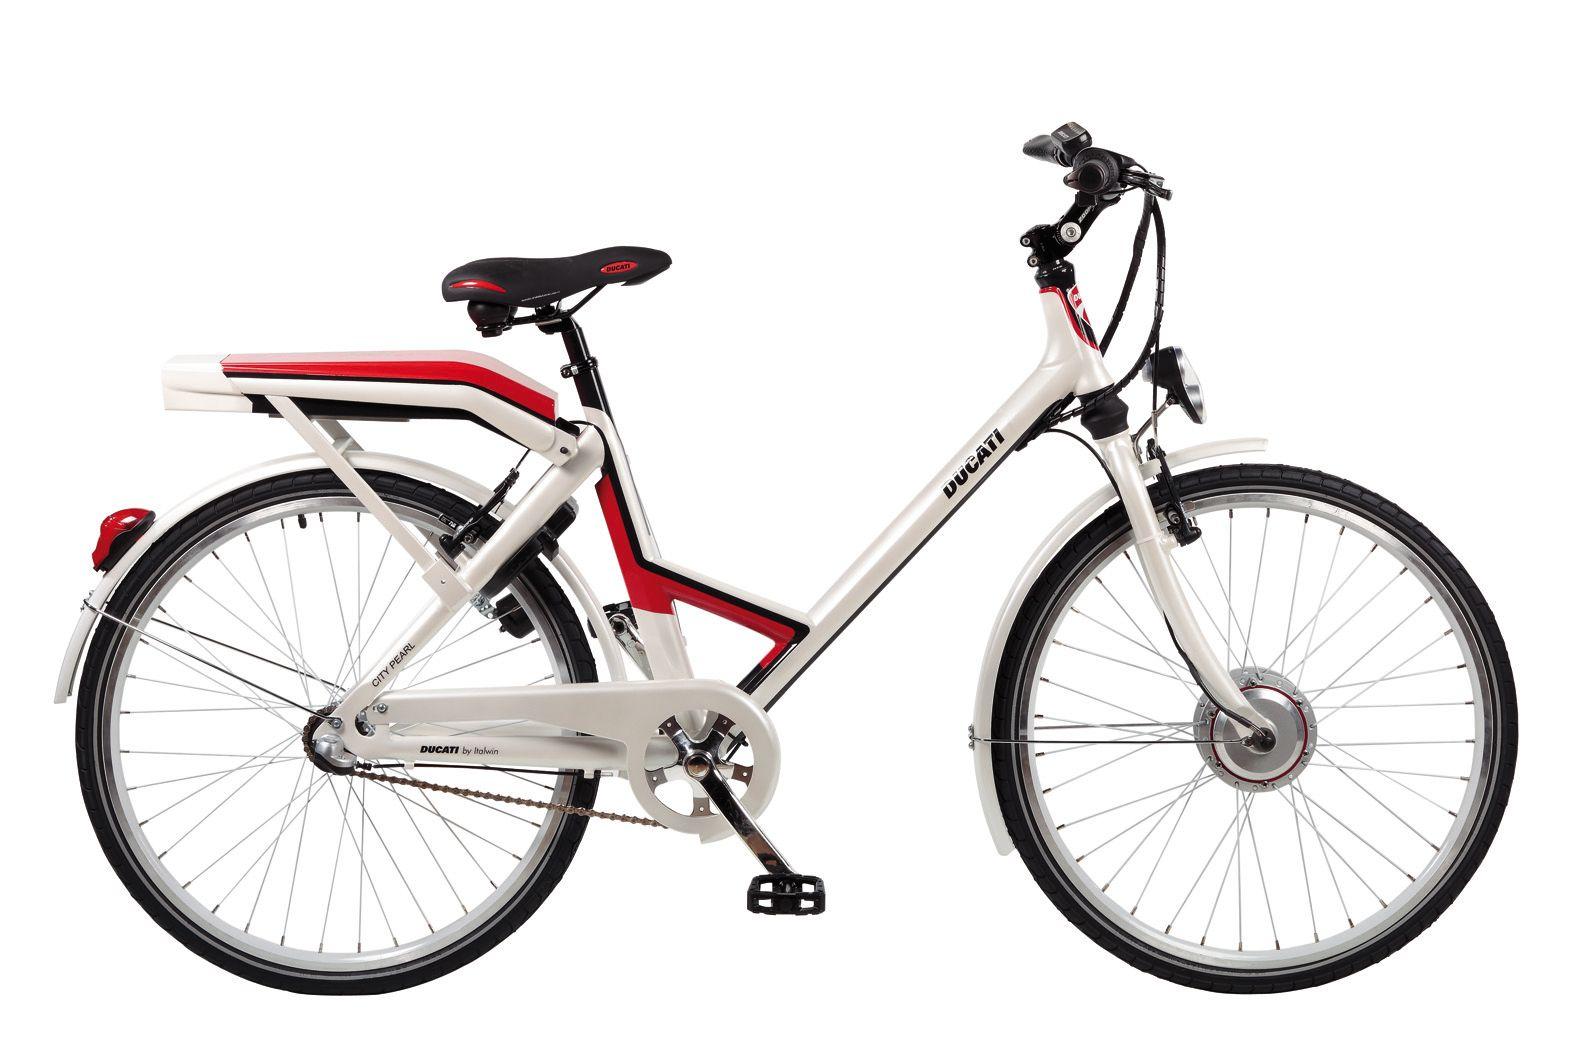 Ducati Italwin Electric Bicycles